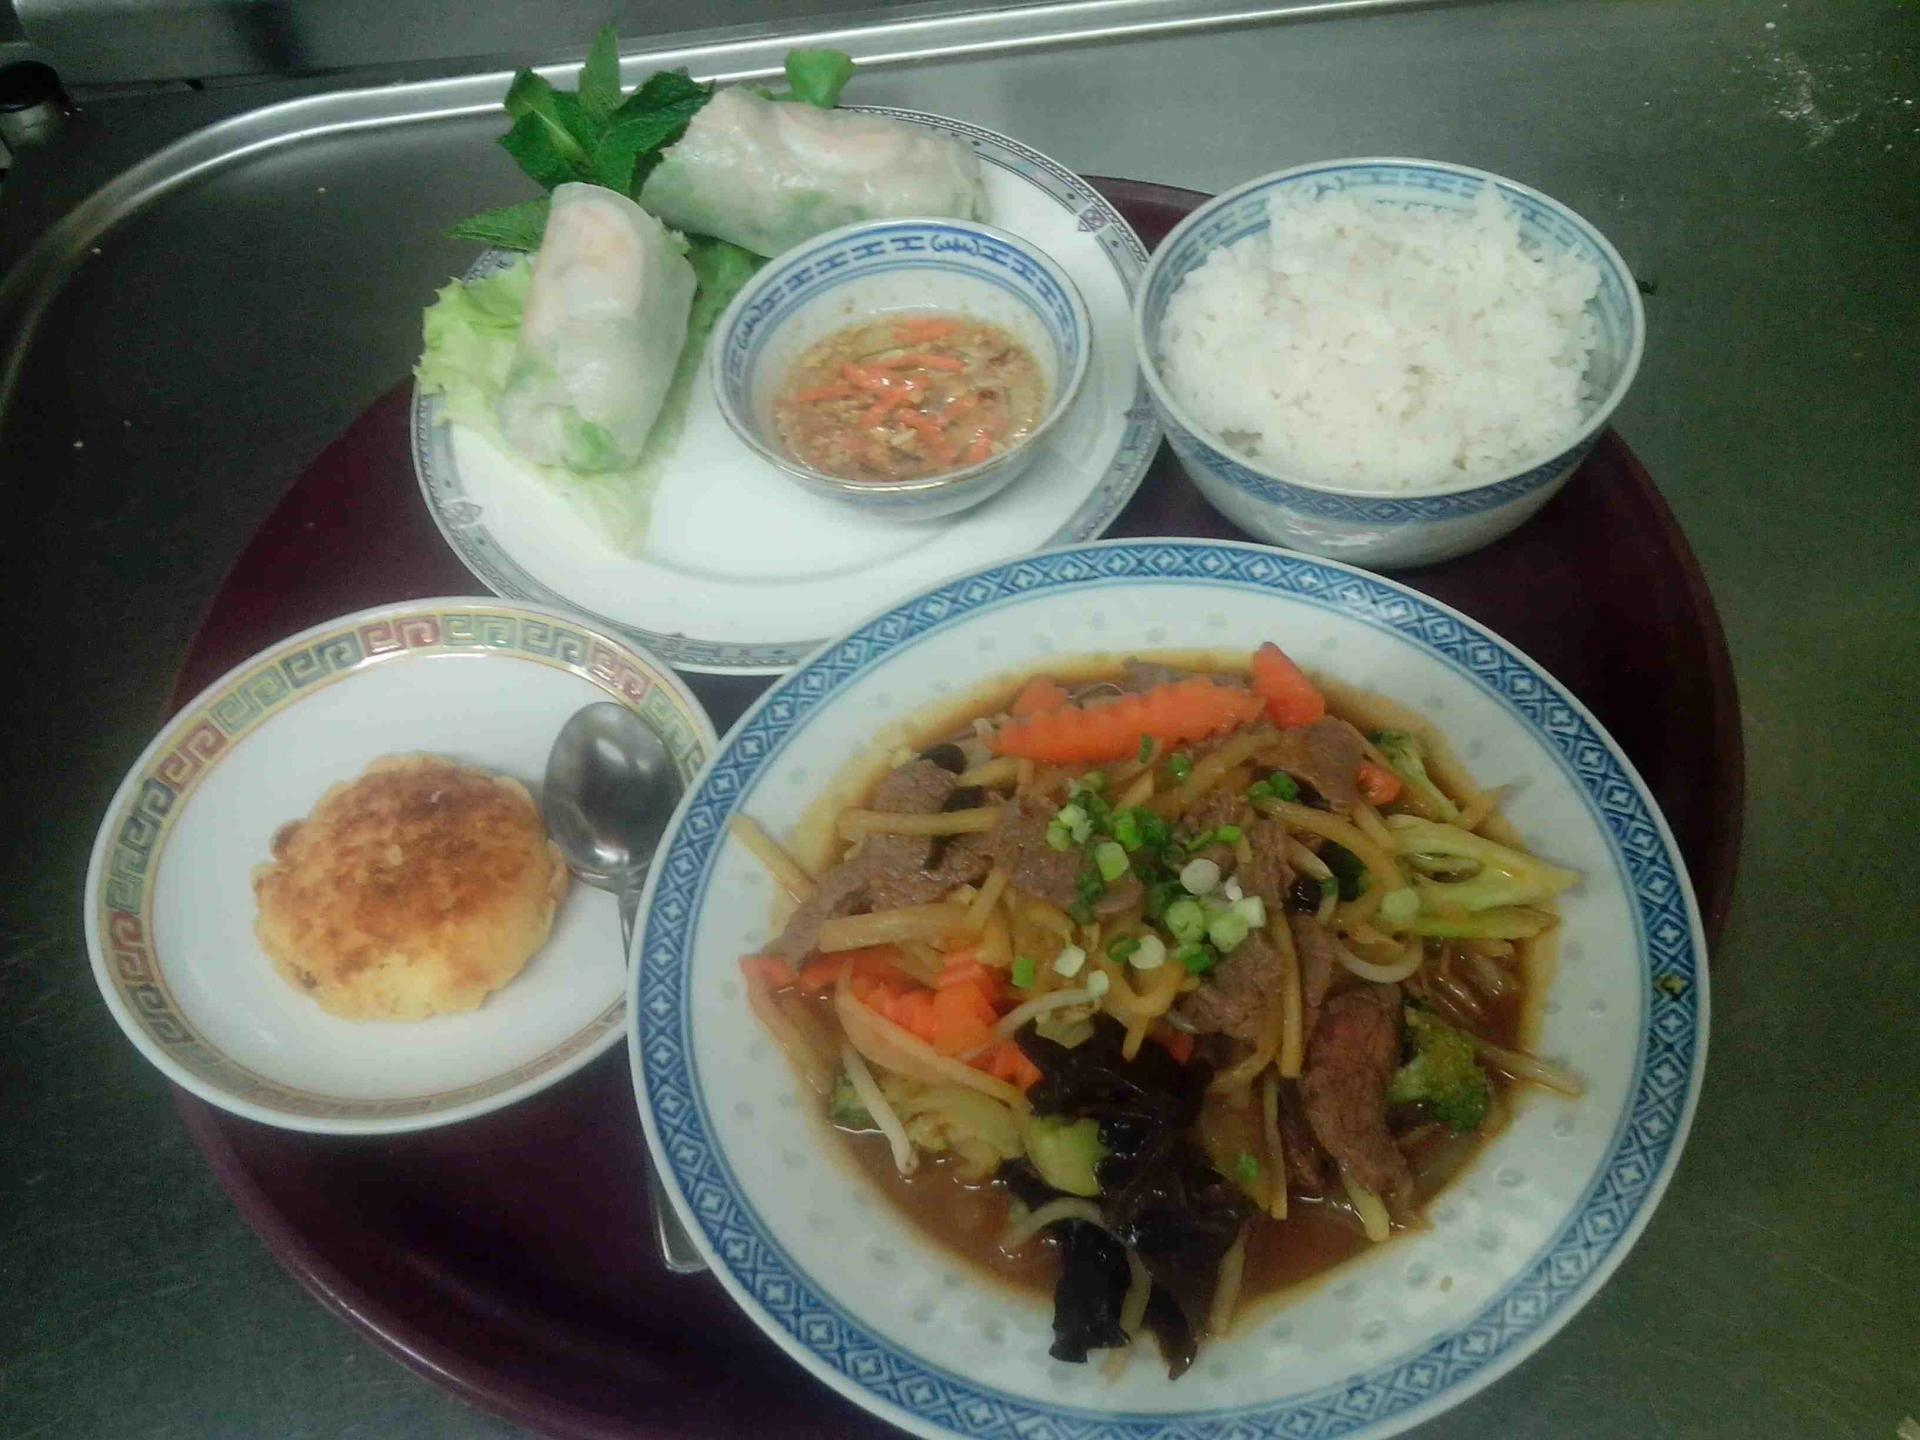 Rouleau de printemps, Bœuf aux légumes et gâteau de soja